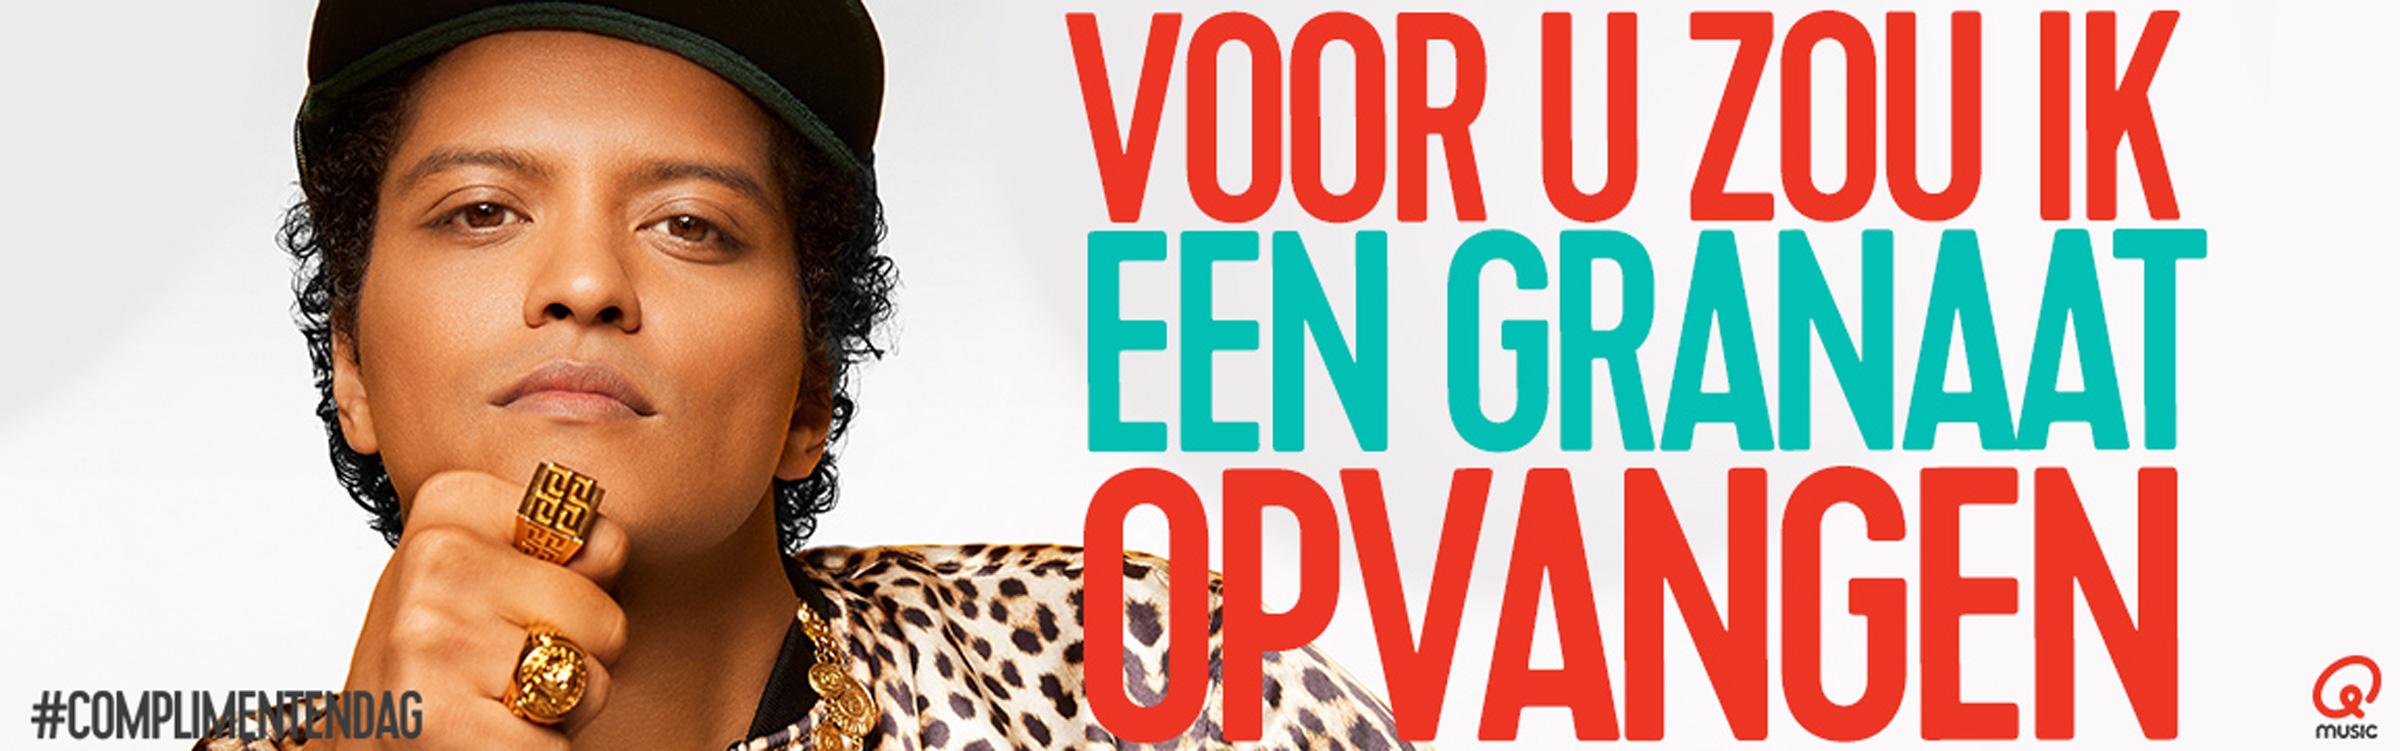 Bruno mars header